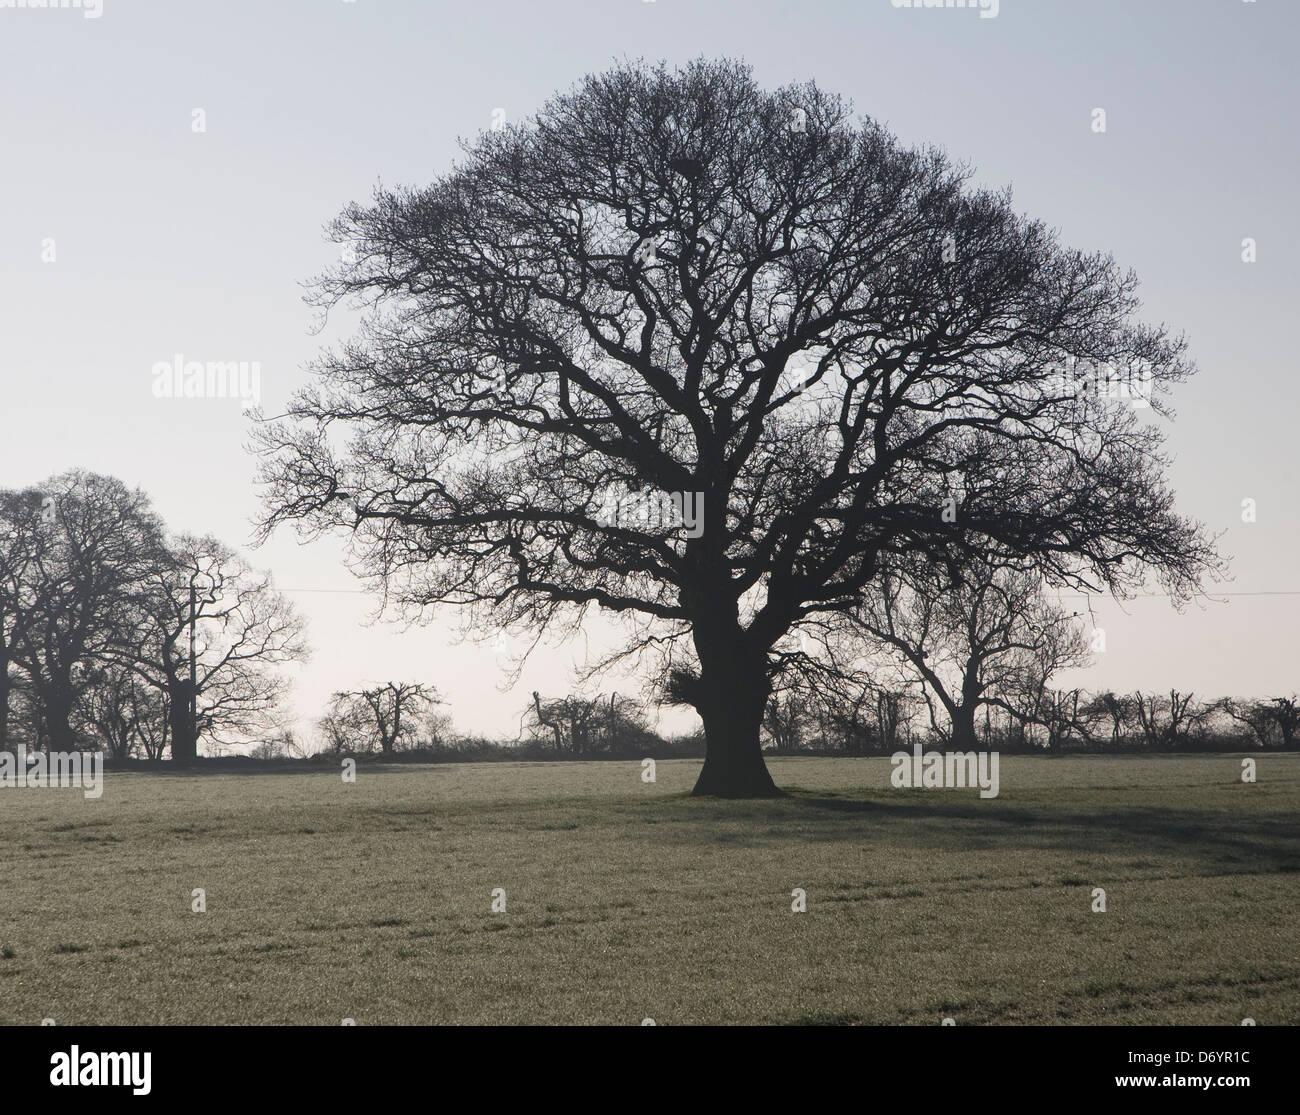 Gliederung der blattlosen Eiche Baum im Feld allein, Sutton, Suffolk, England Stockbild